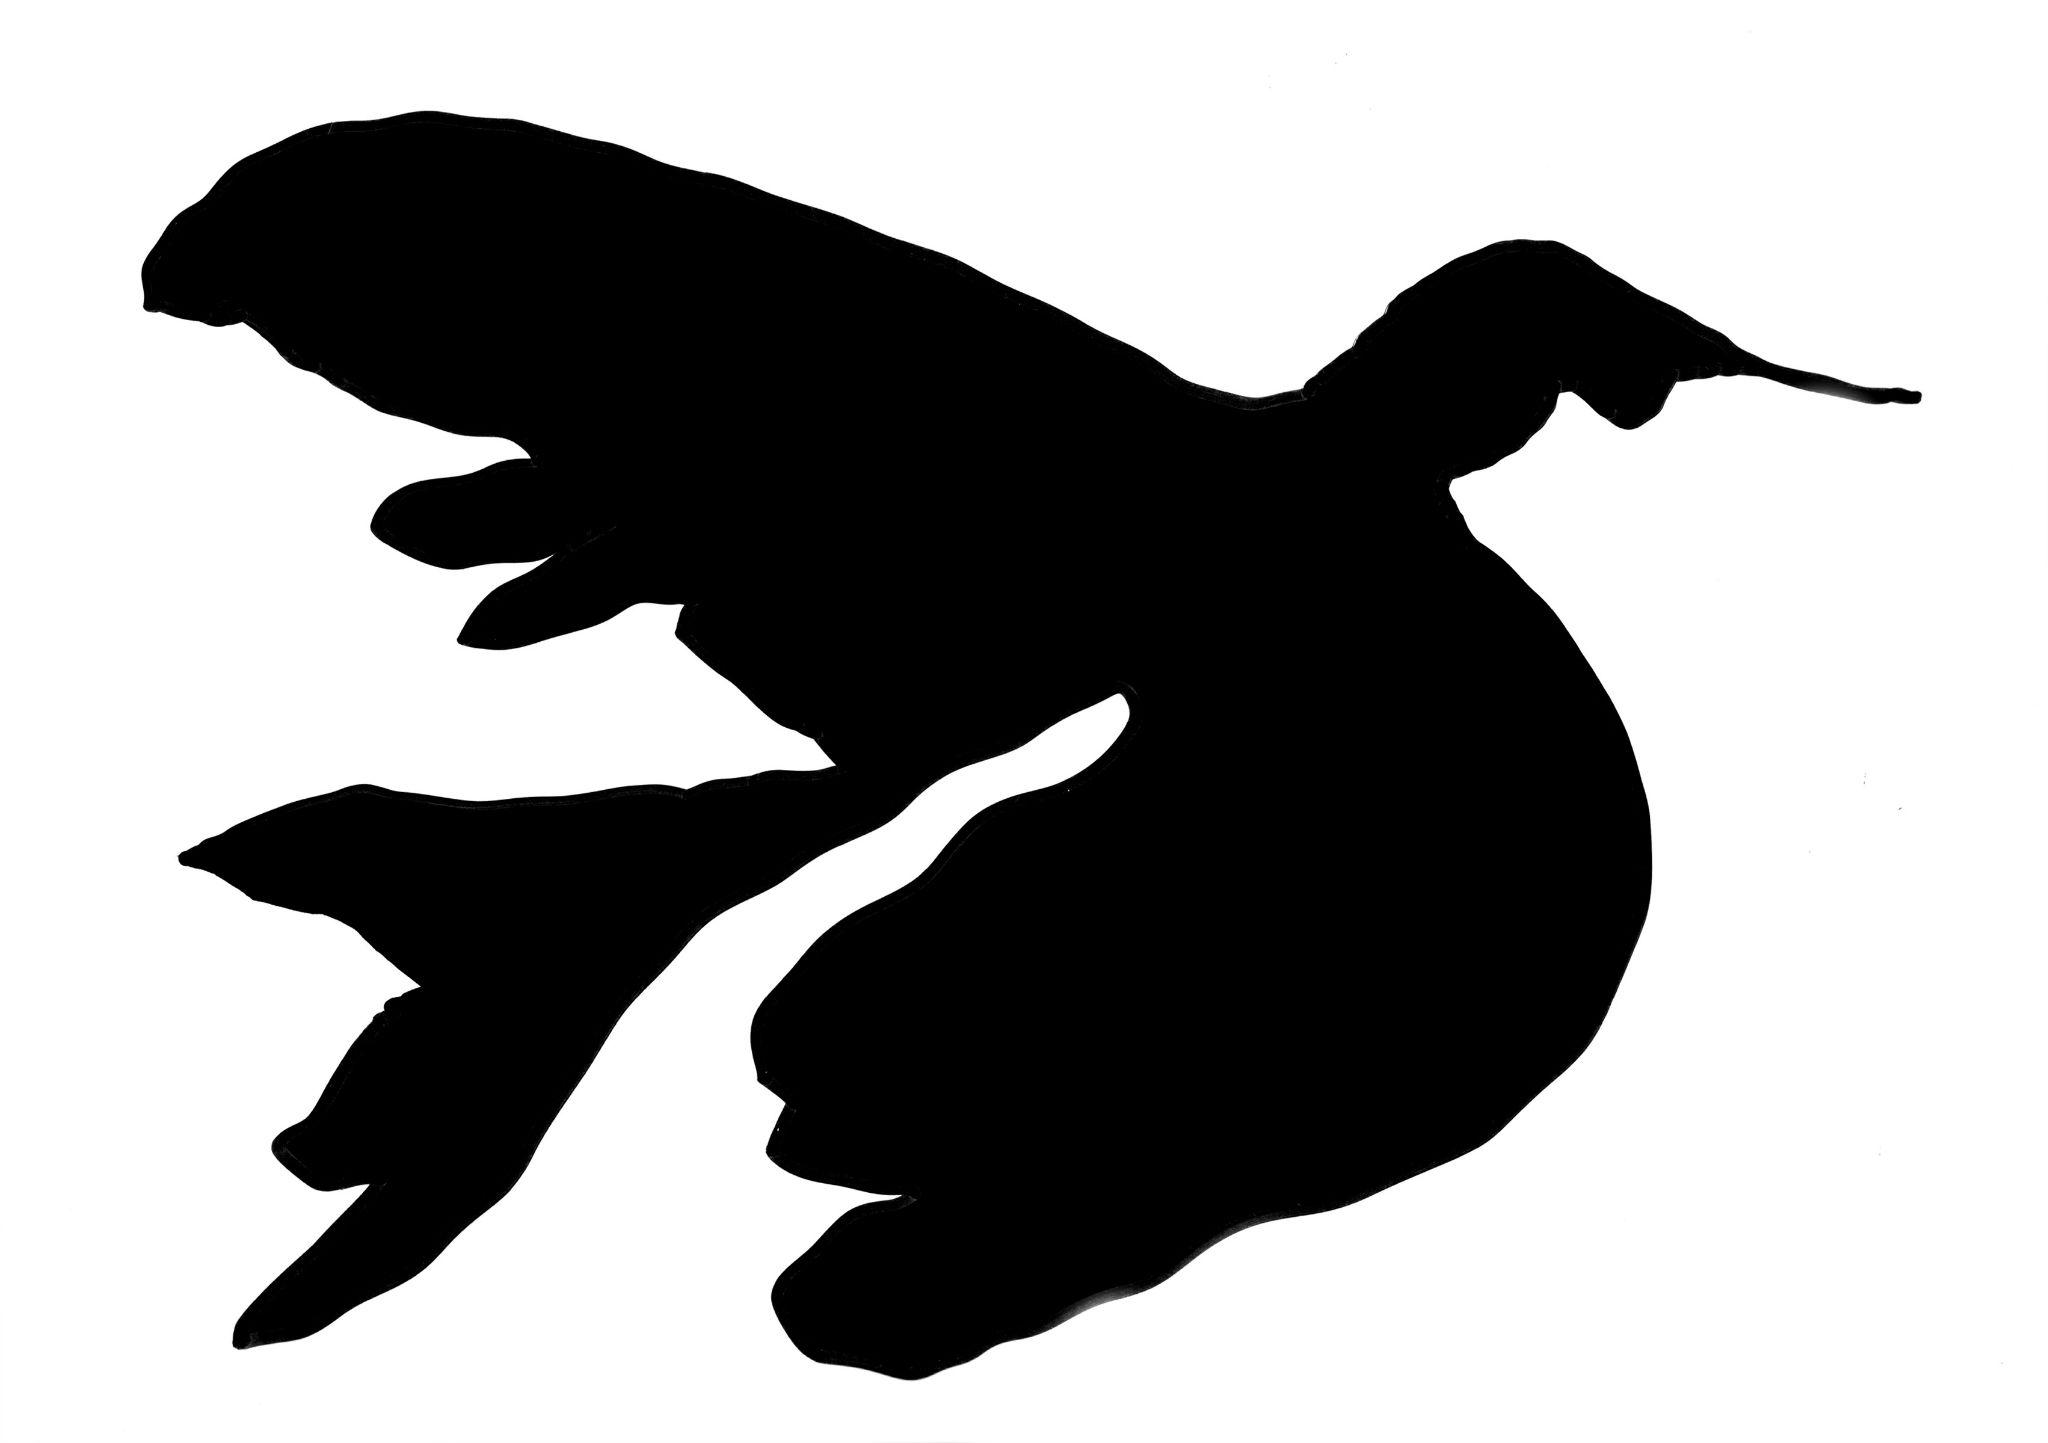 Kleon Medugorac Freikonzert Logo